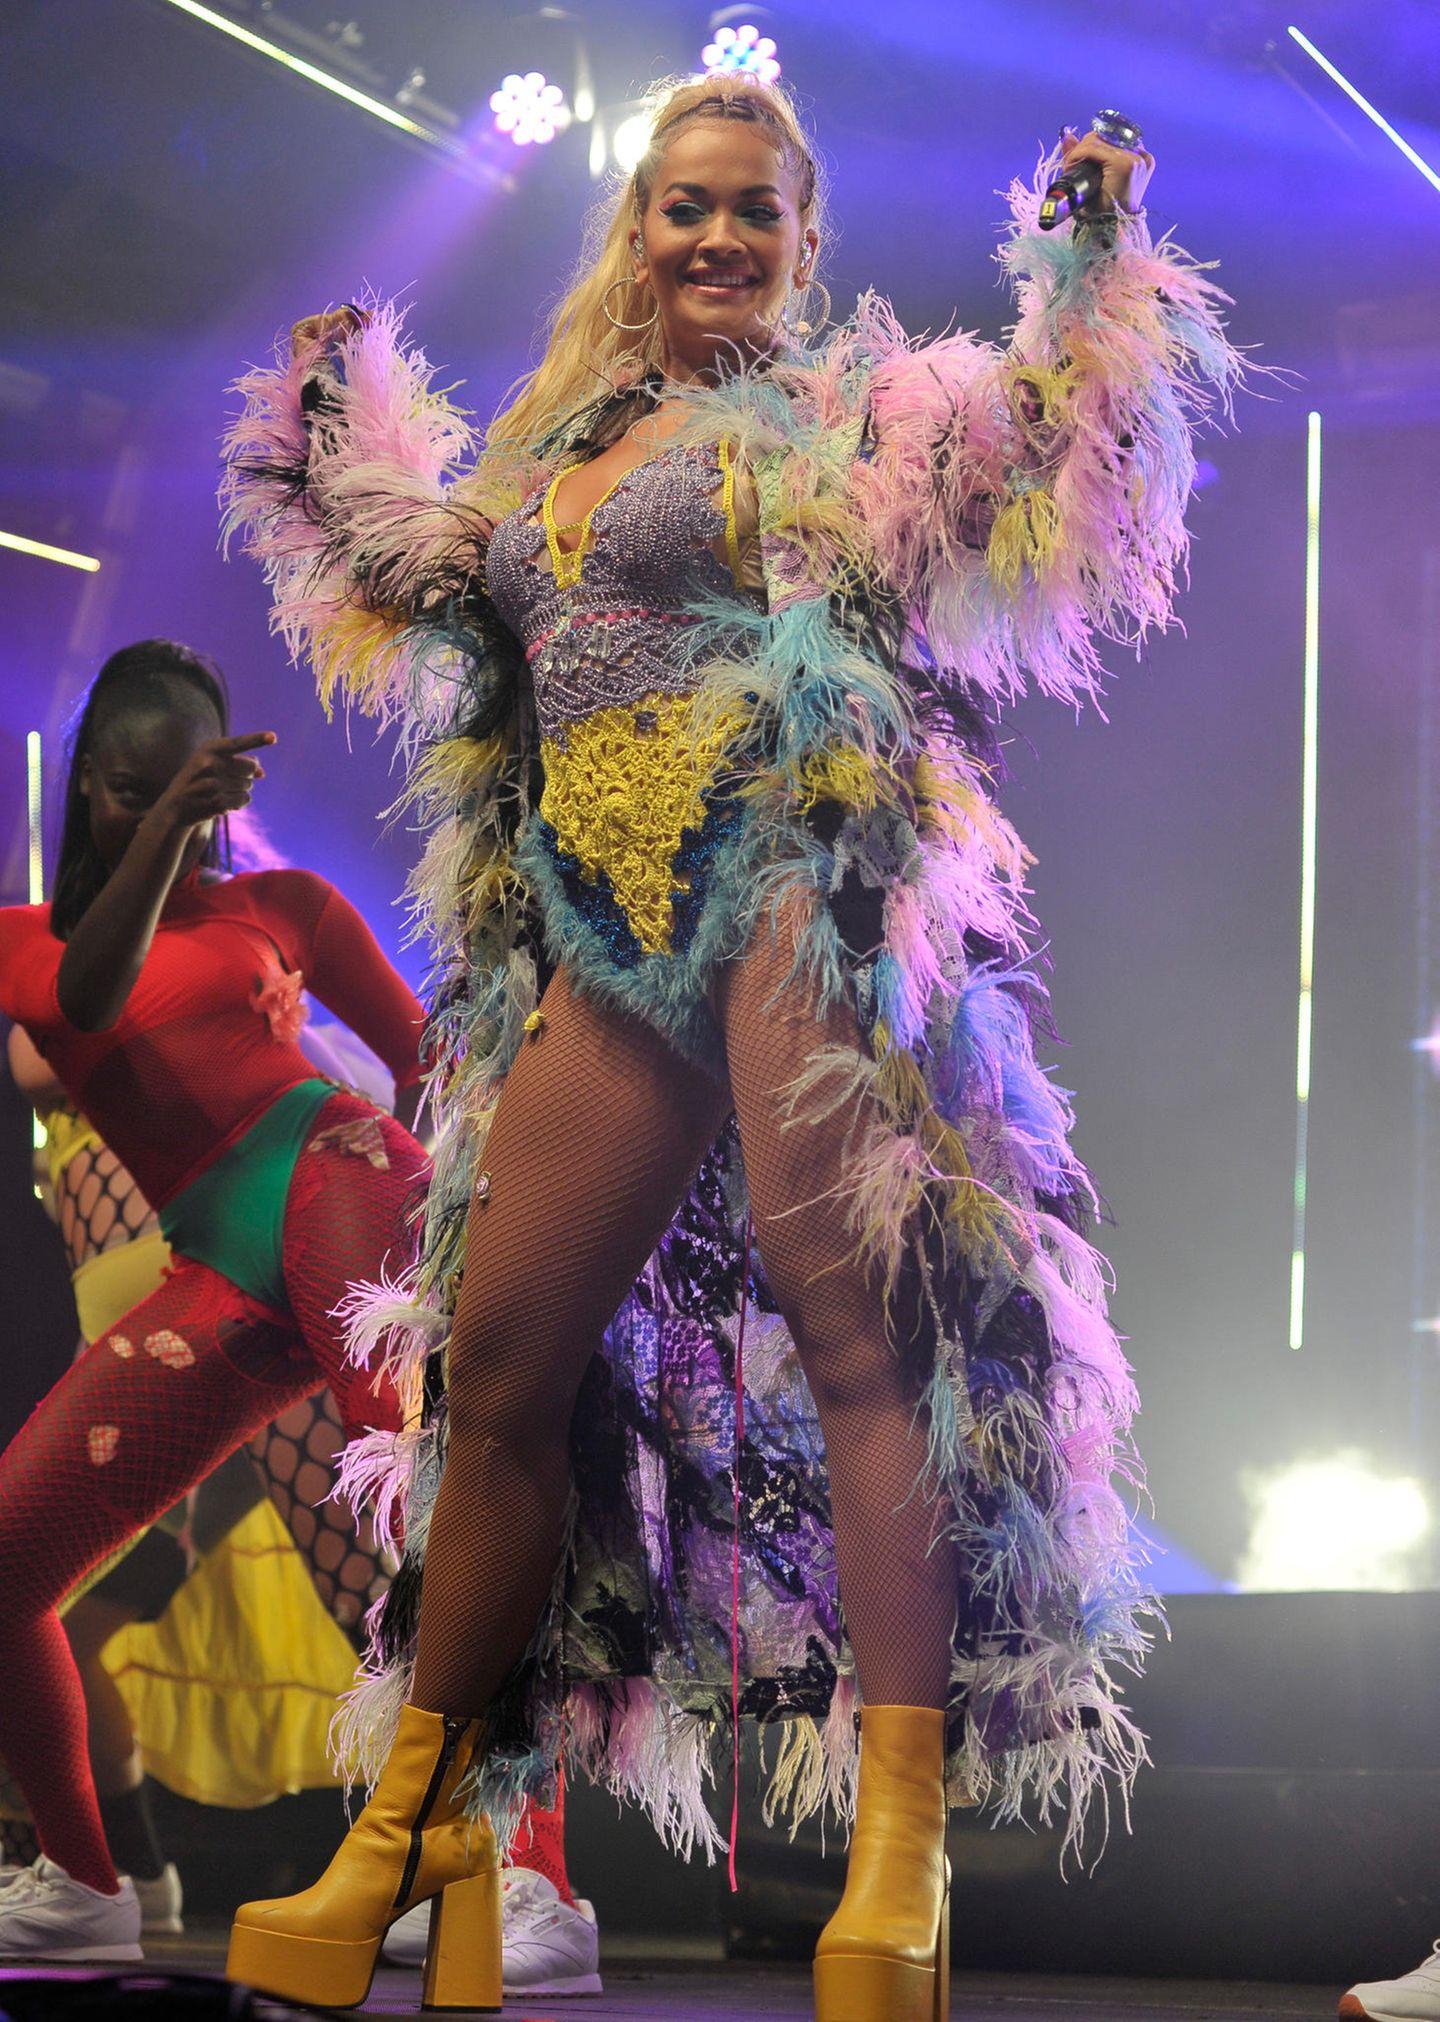 Egal ob beim Streetstyle oder beim Bühnenlook: Sängerin Rita Ora mag es gerne flippig! Beim Manchester Pride Festival überrascht sie ihre Fans mit einem ausgeflippten, bunten Feder-Umhang, ebenfalls bunten Häkel-Body, einer sexy Netzstrumpfhose undgelben Plateau-Schuhen von Naked Wolfe. Dieses Outfit eignetsich einfach wunderbar zum ...